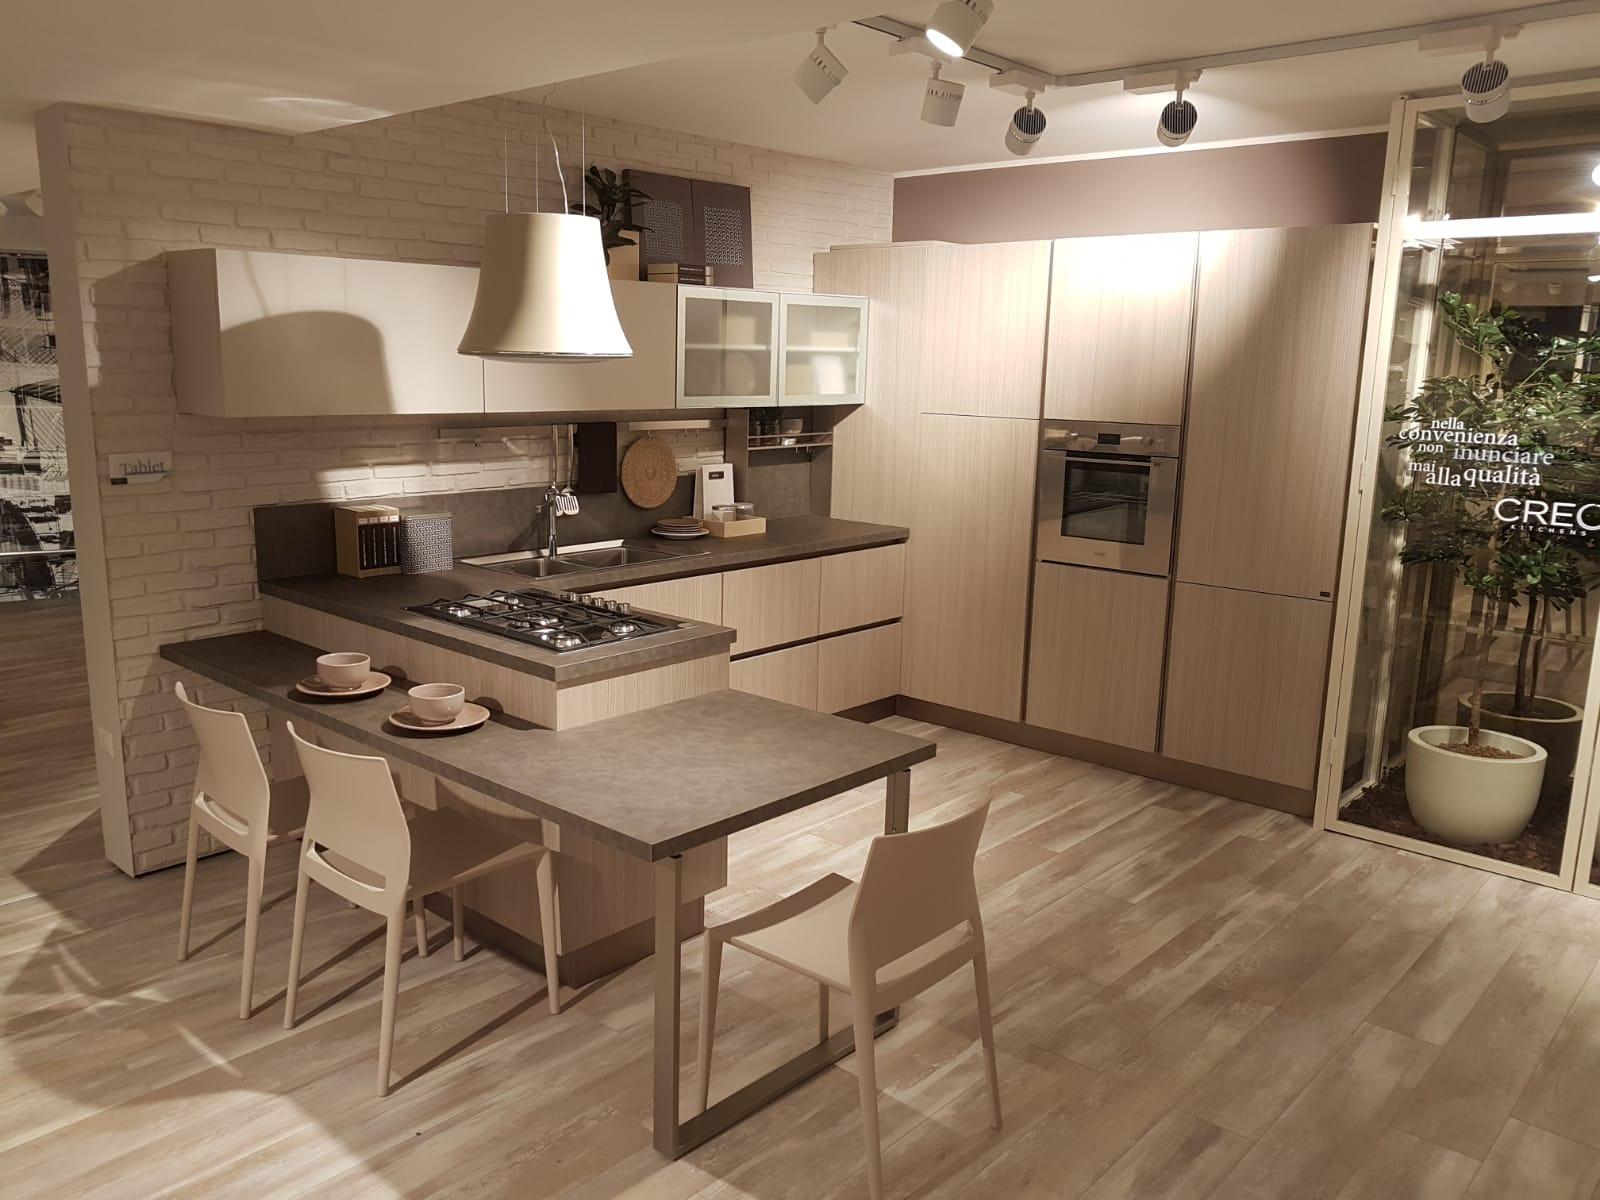 Il Gruppo Lube Inaugura Un Nuovo Store Lube E Creo A Napoli Via Reggia Di Portici Creo Kitchens